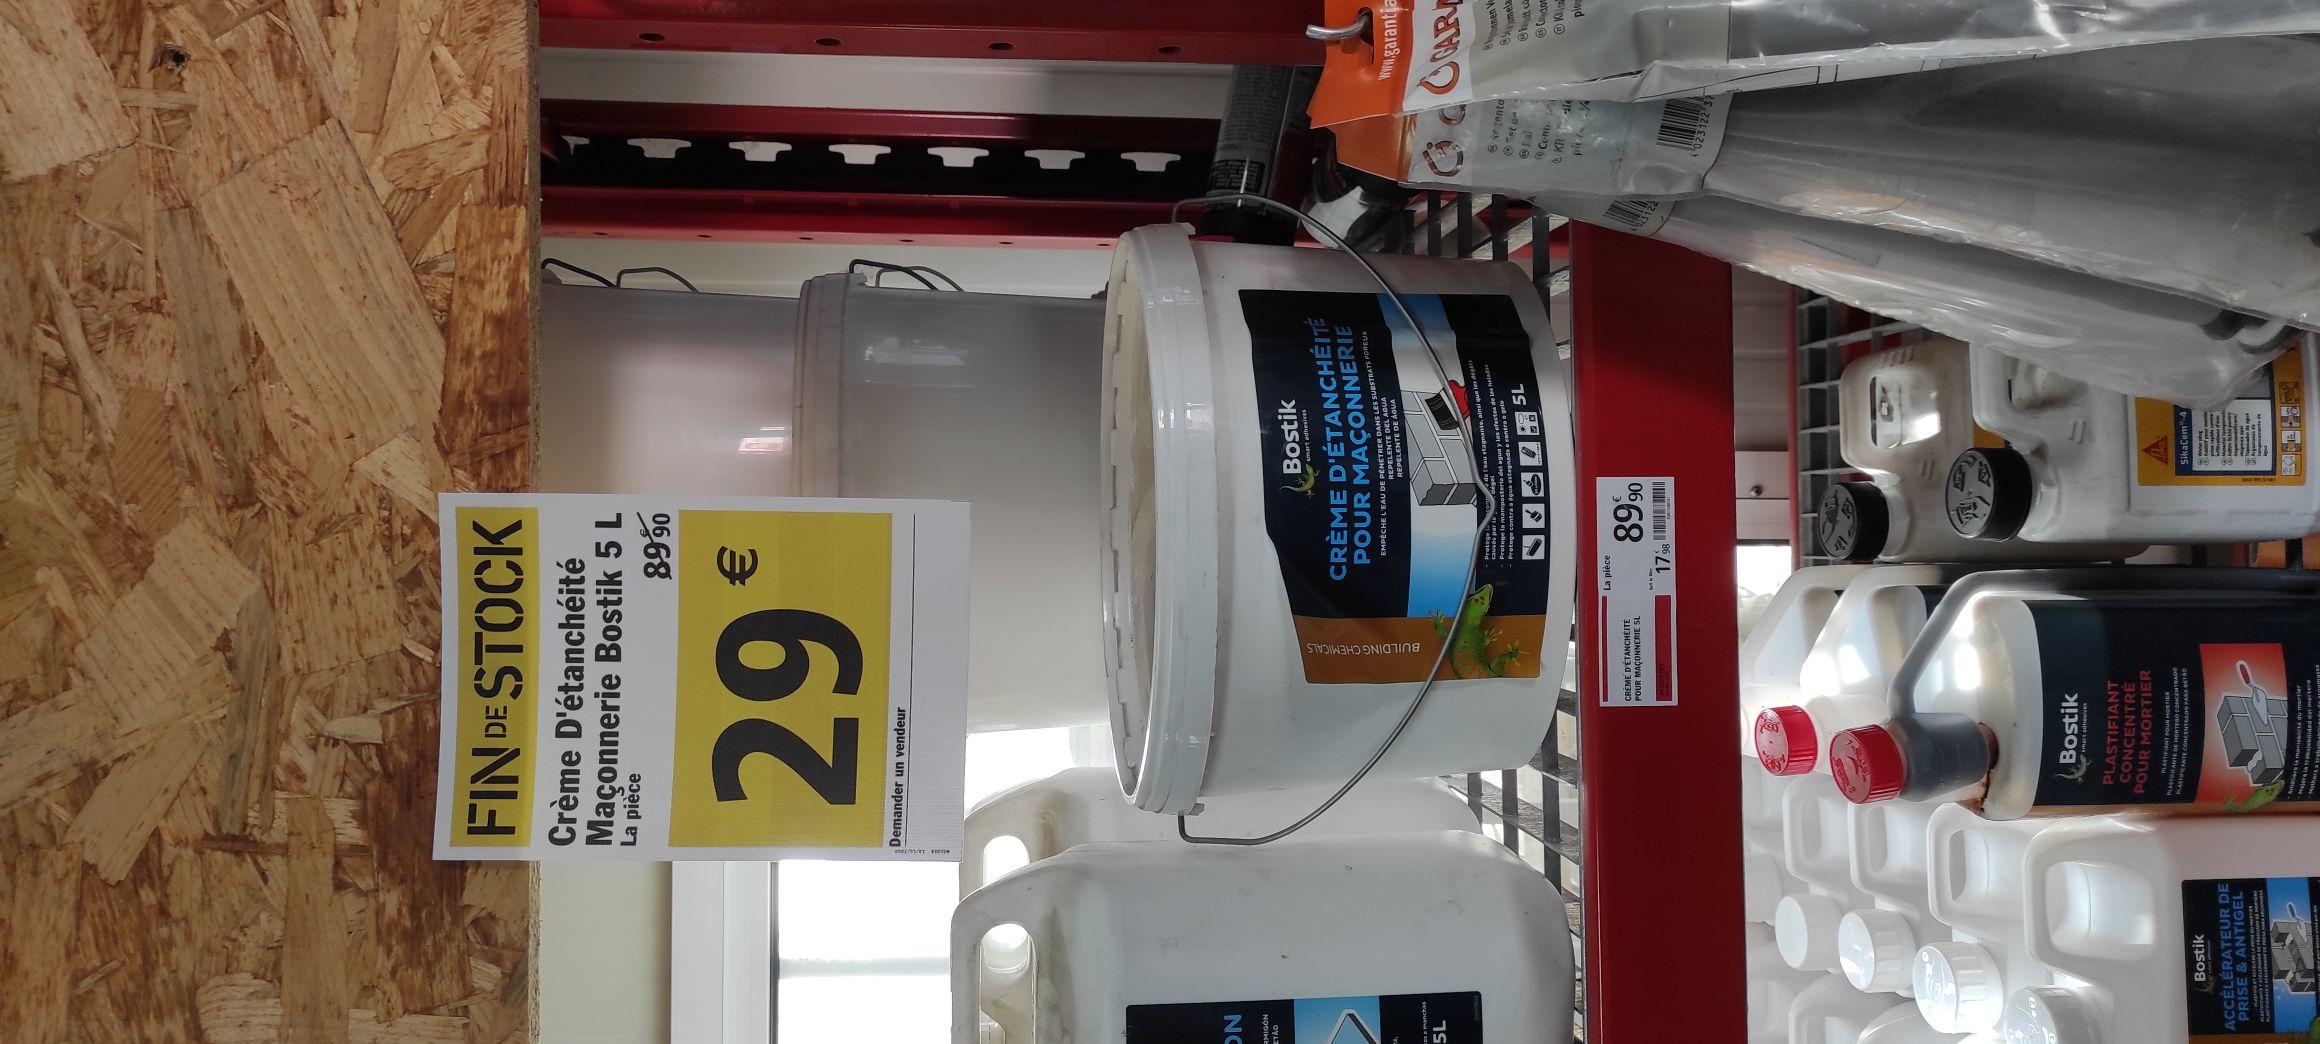 Pot de crème d'étanchéité pour maçonnerie Bostik (5 L) - Colmar (68)